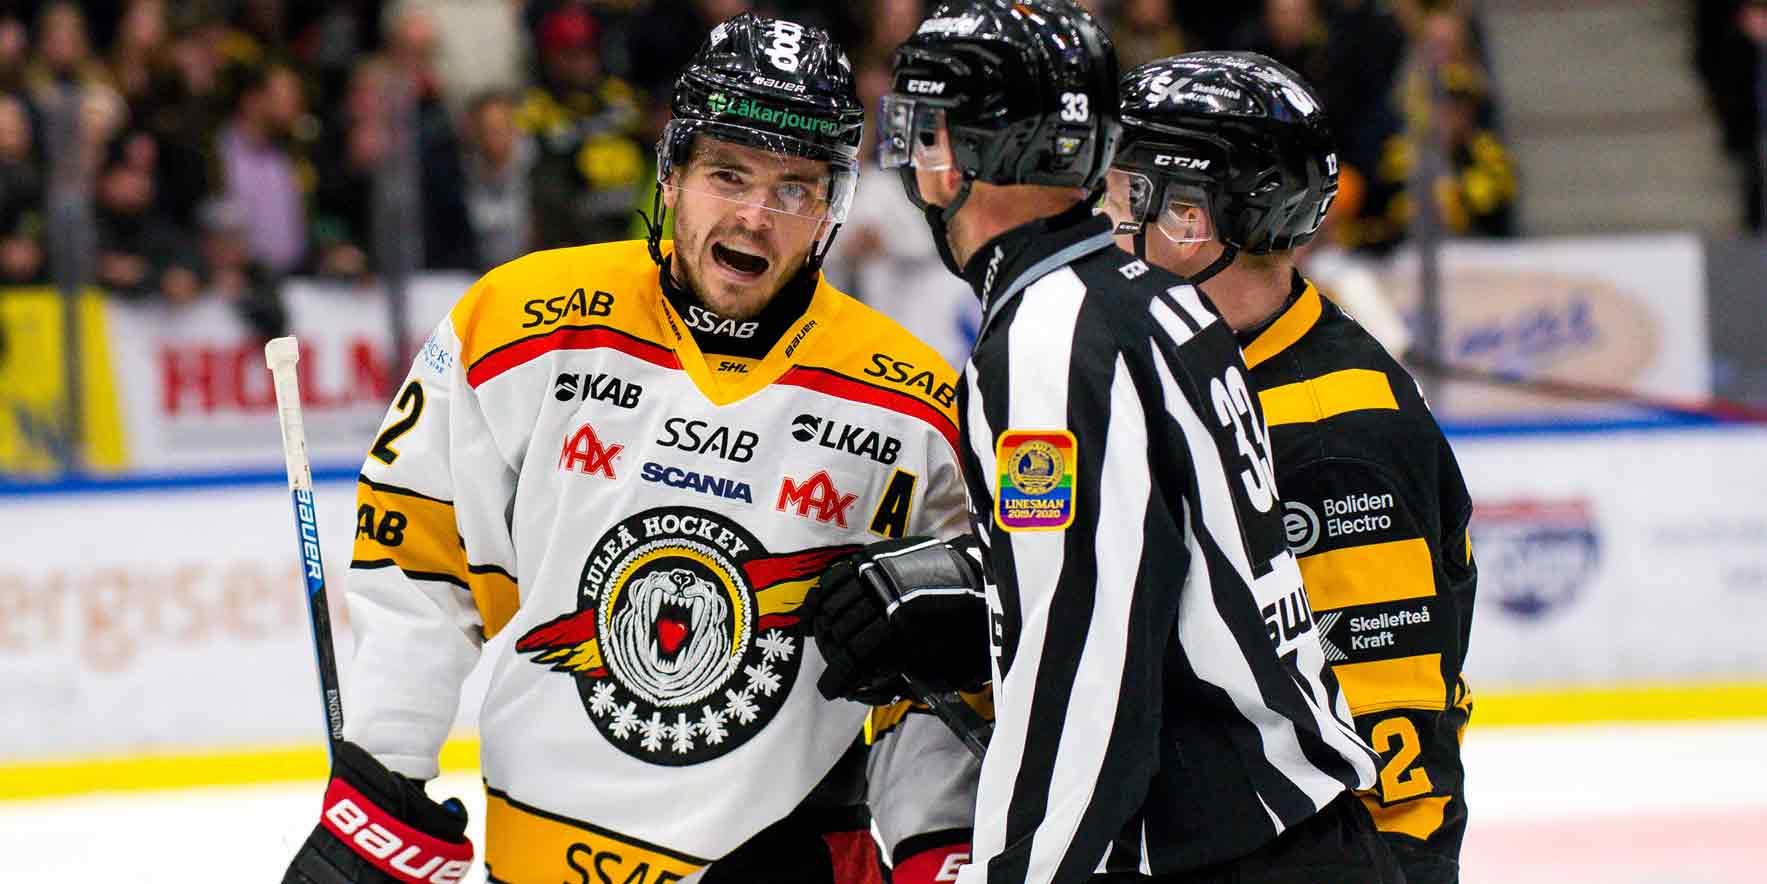 Karl Fabricius, Luleå Hockey